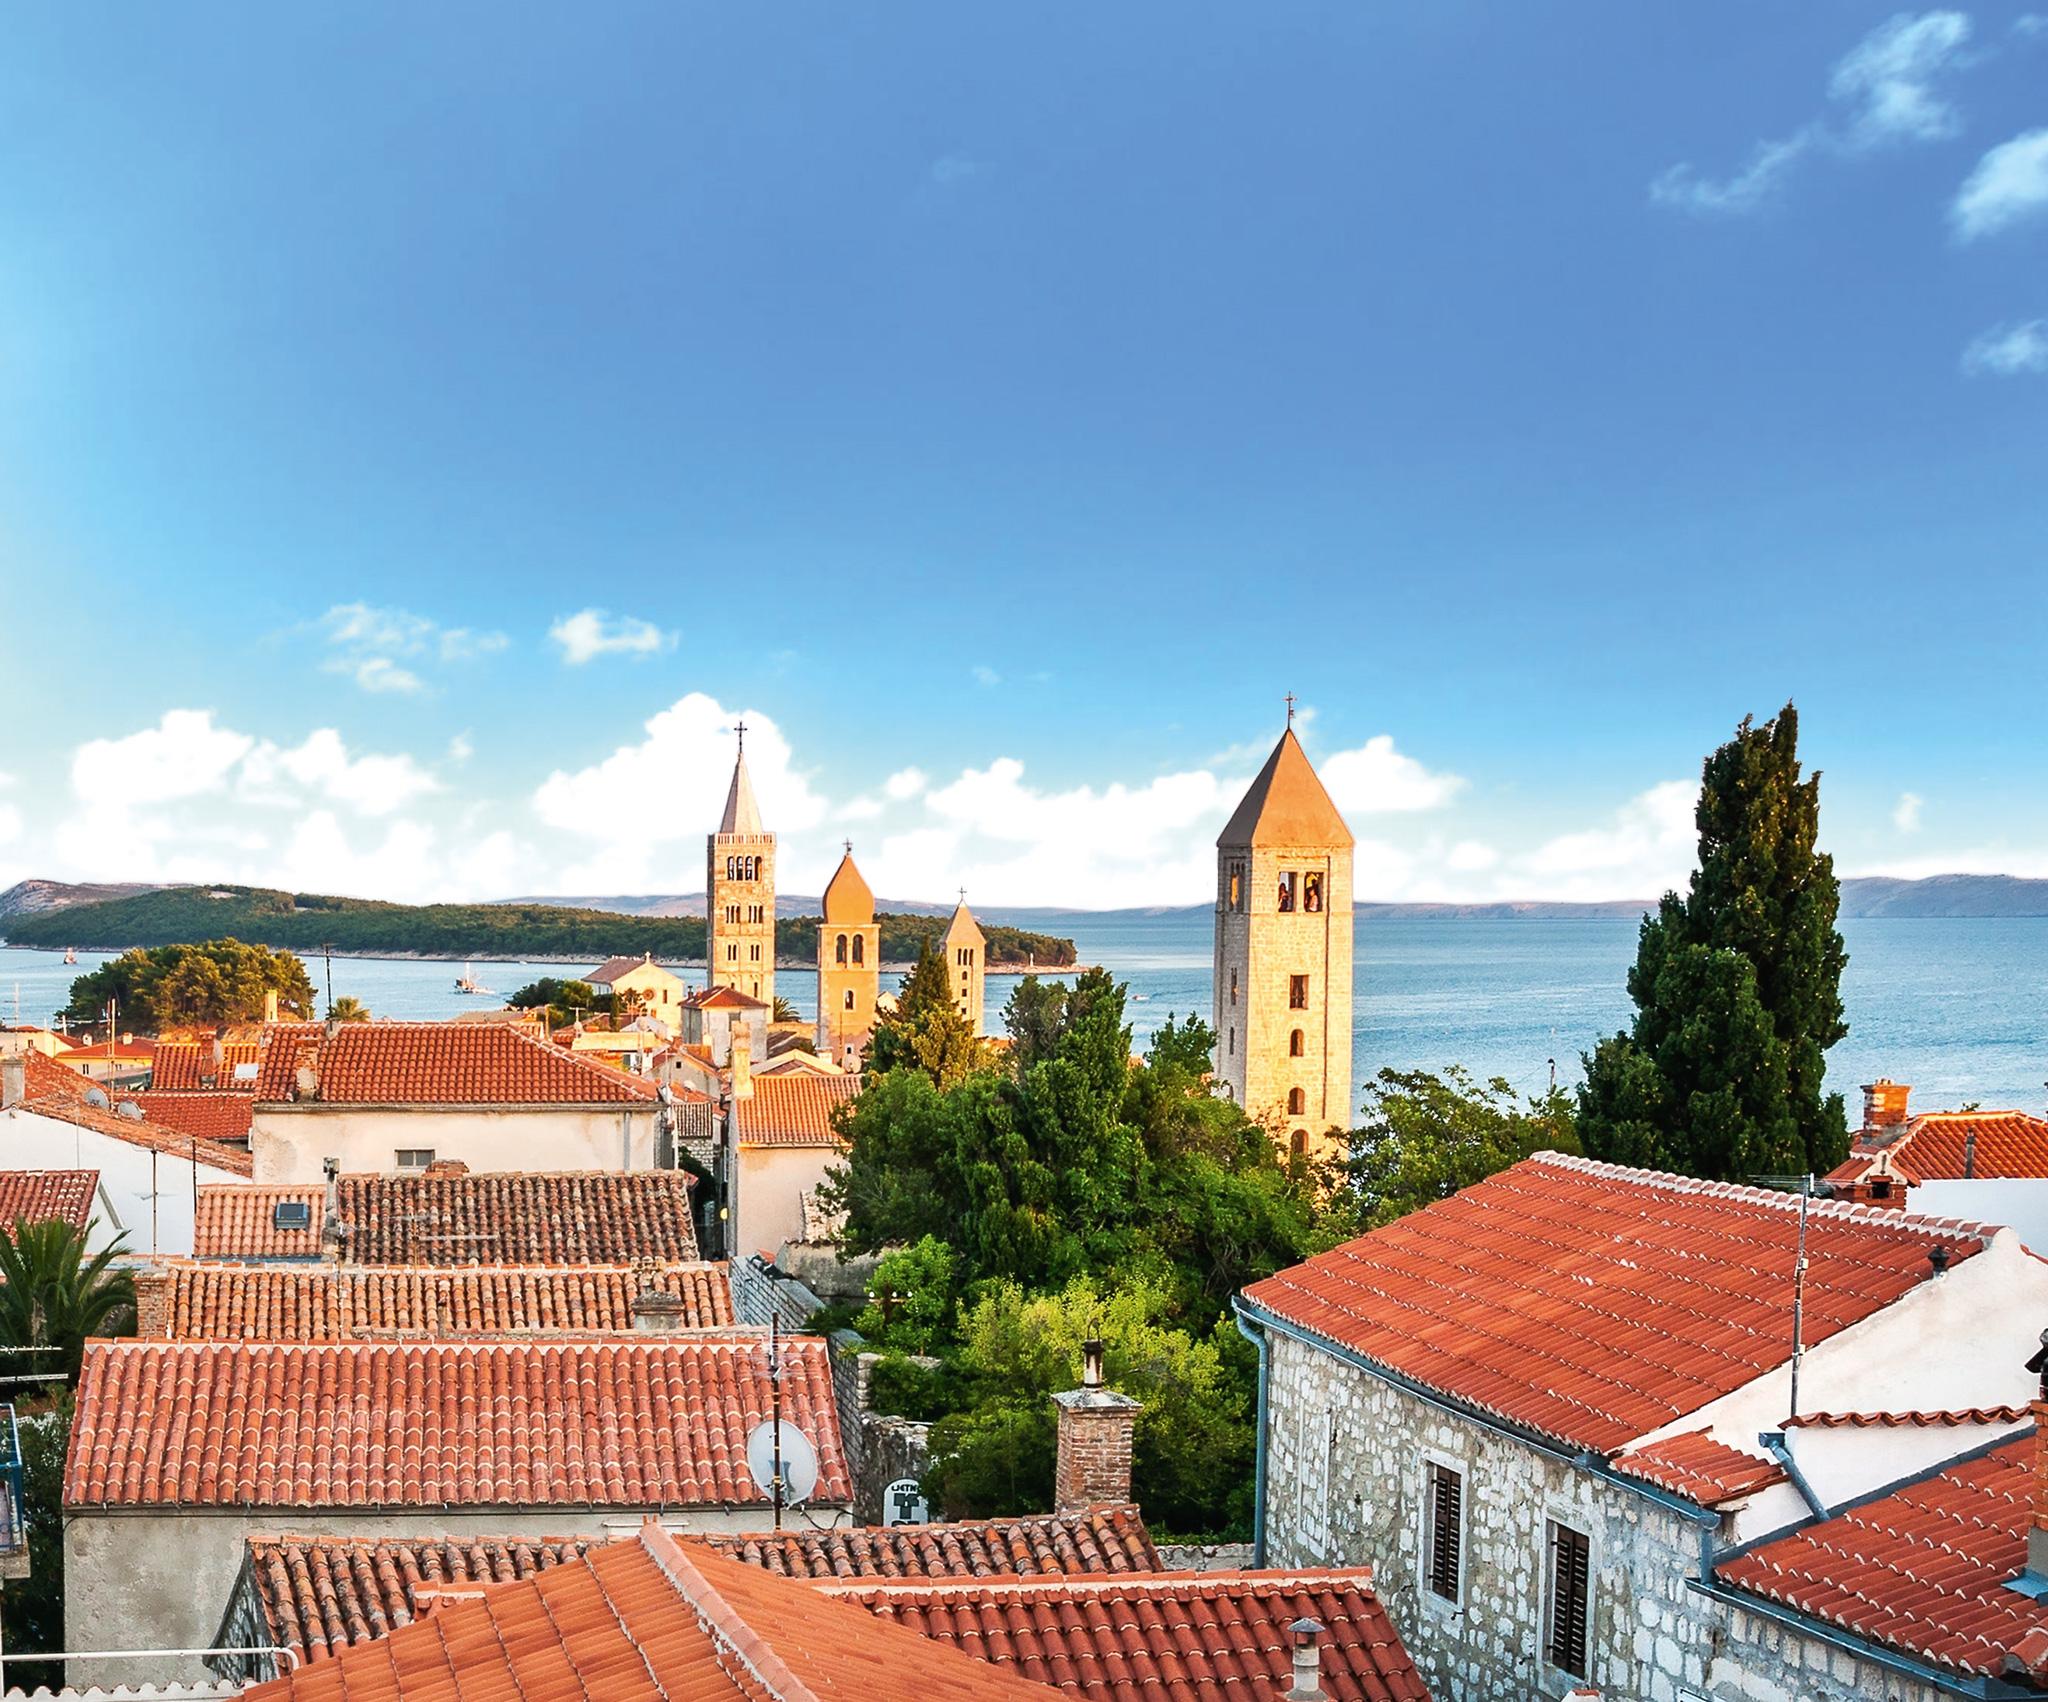 Die pittoreske Altstadt von Rab © Rab Tourism Board